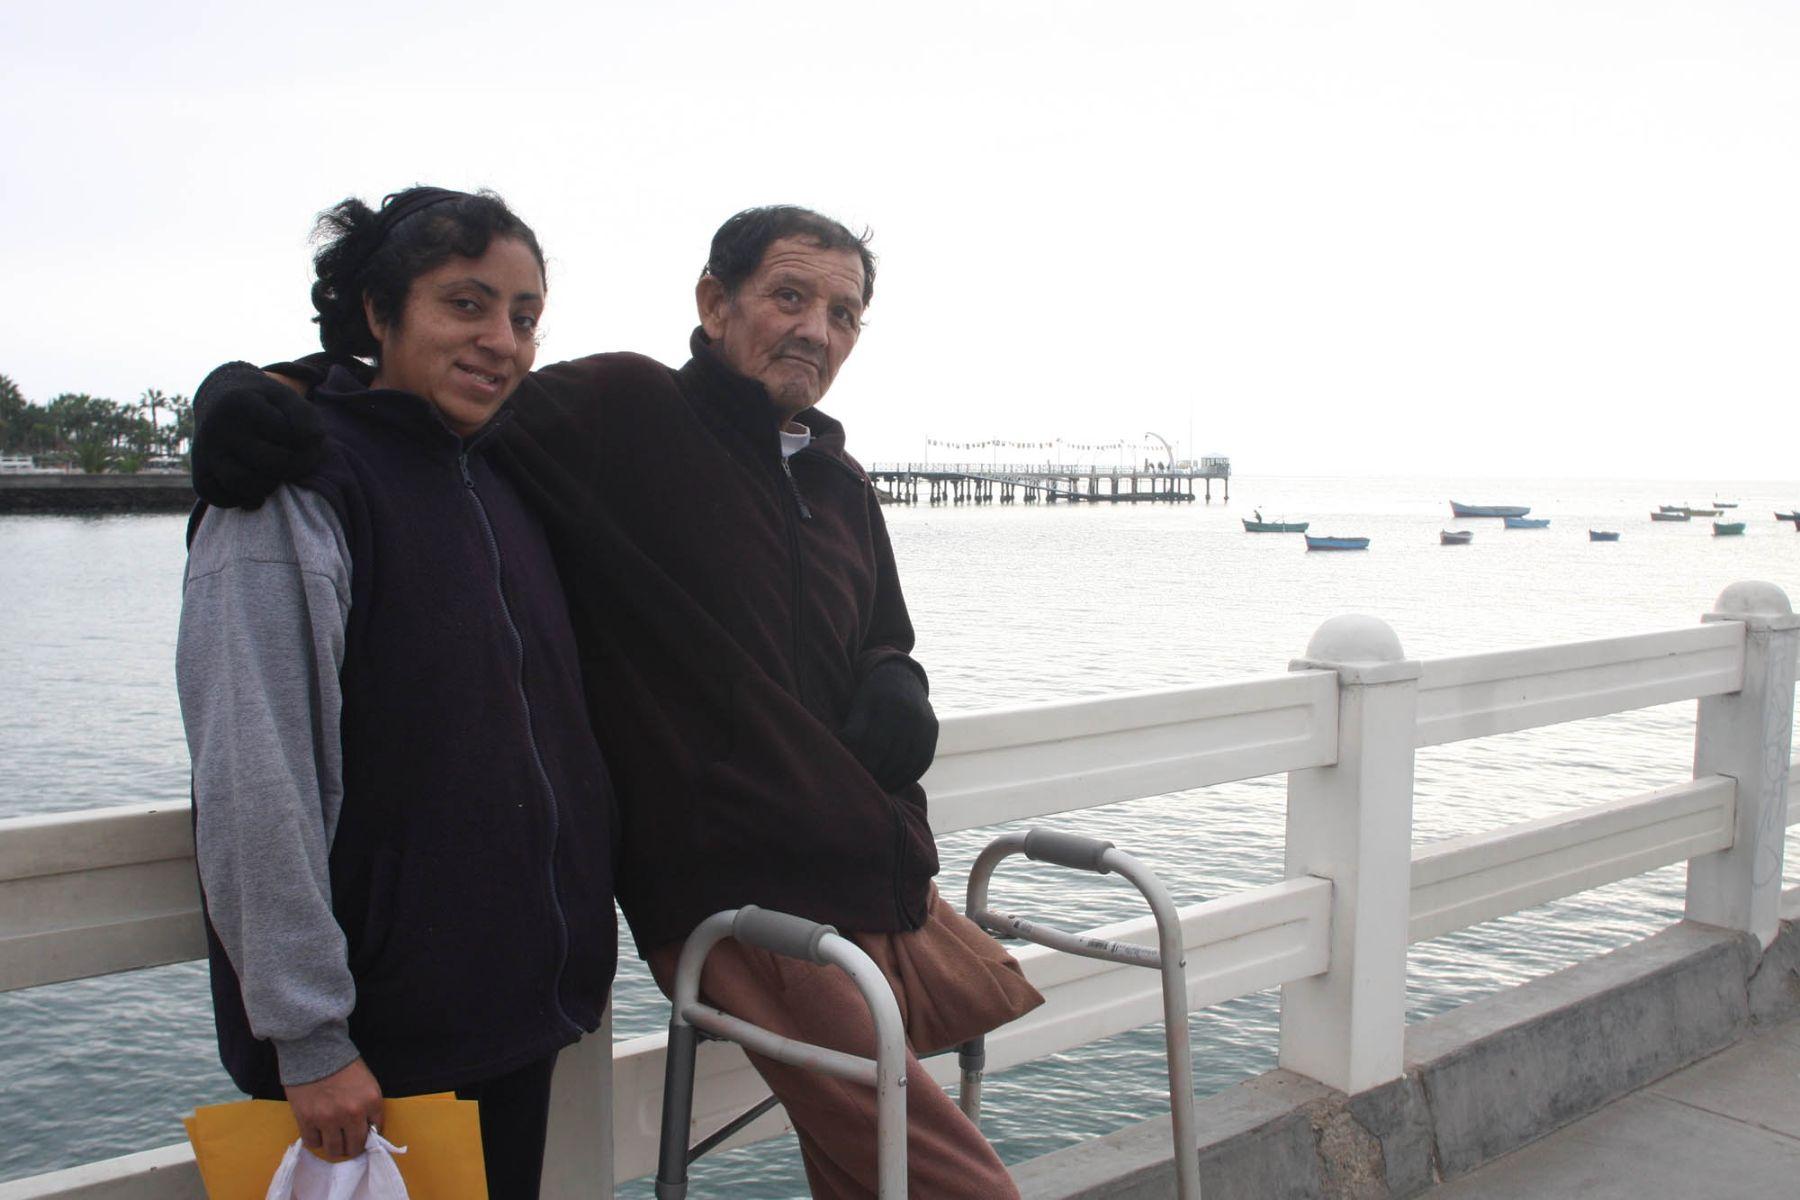 Jorge Luis Casafranca Valer agradeció pierna ortopédica otorgada por ministro de la Producción. Foto: Andina/Produce.